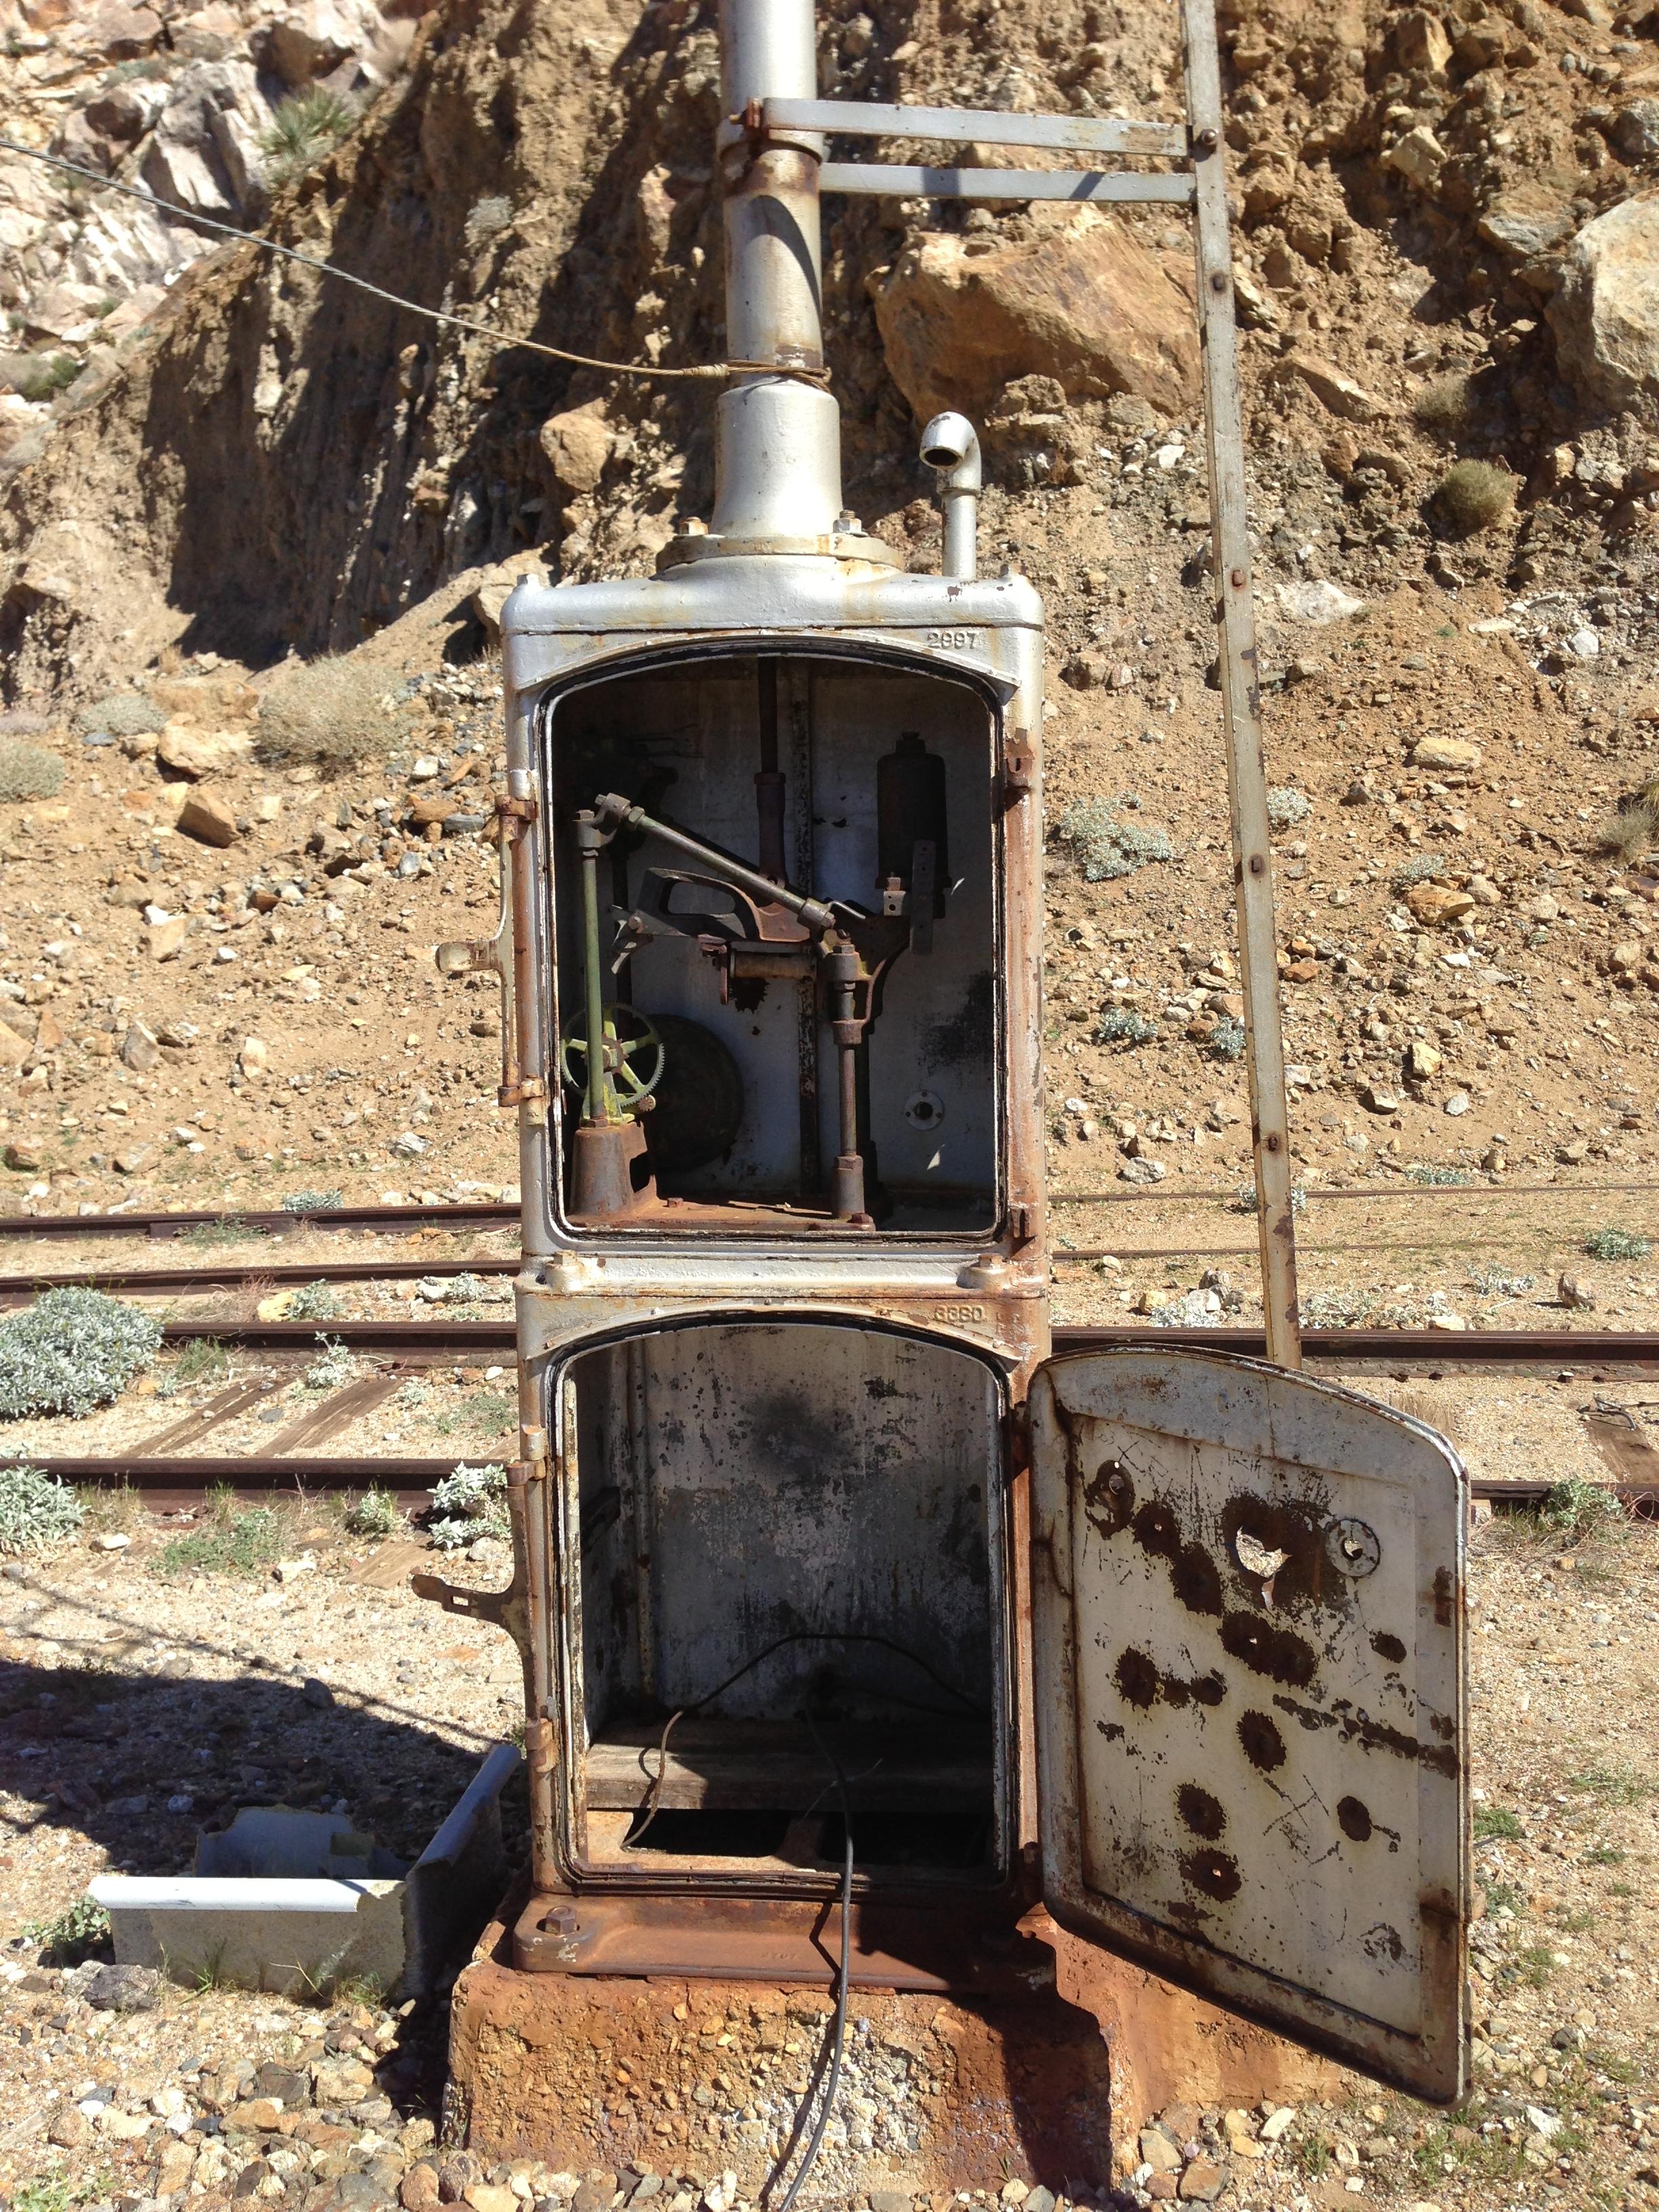 Old Switching Station, Goat Canyon Trestle, Carrizo Gorge, California